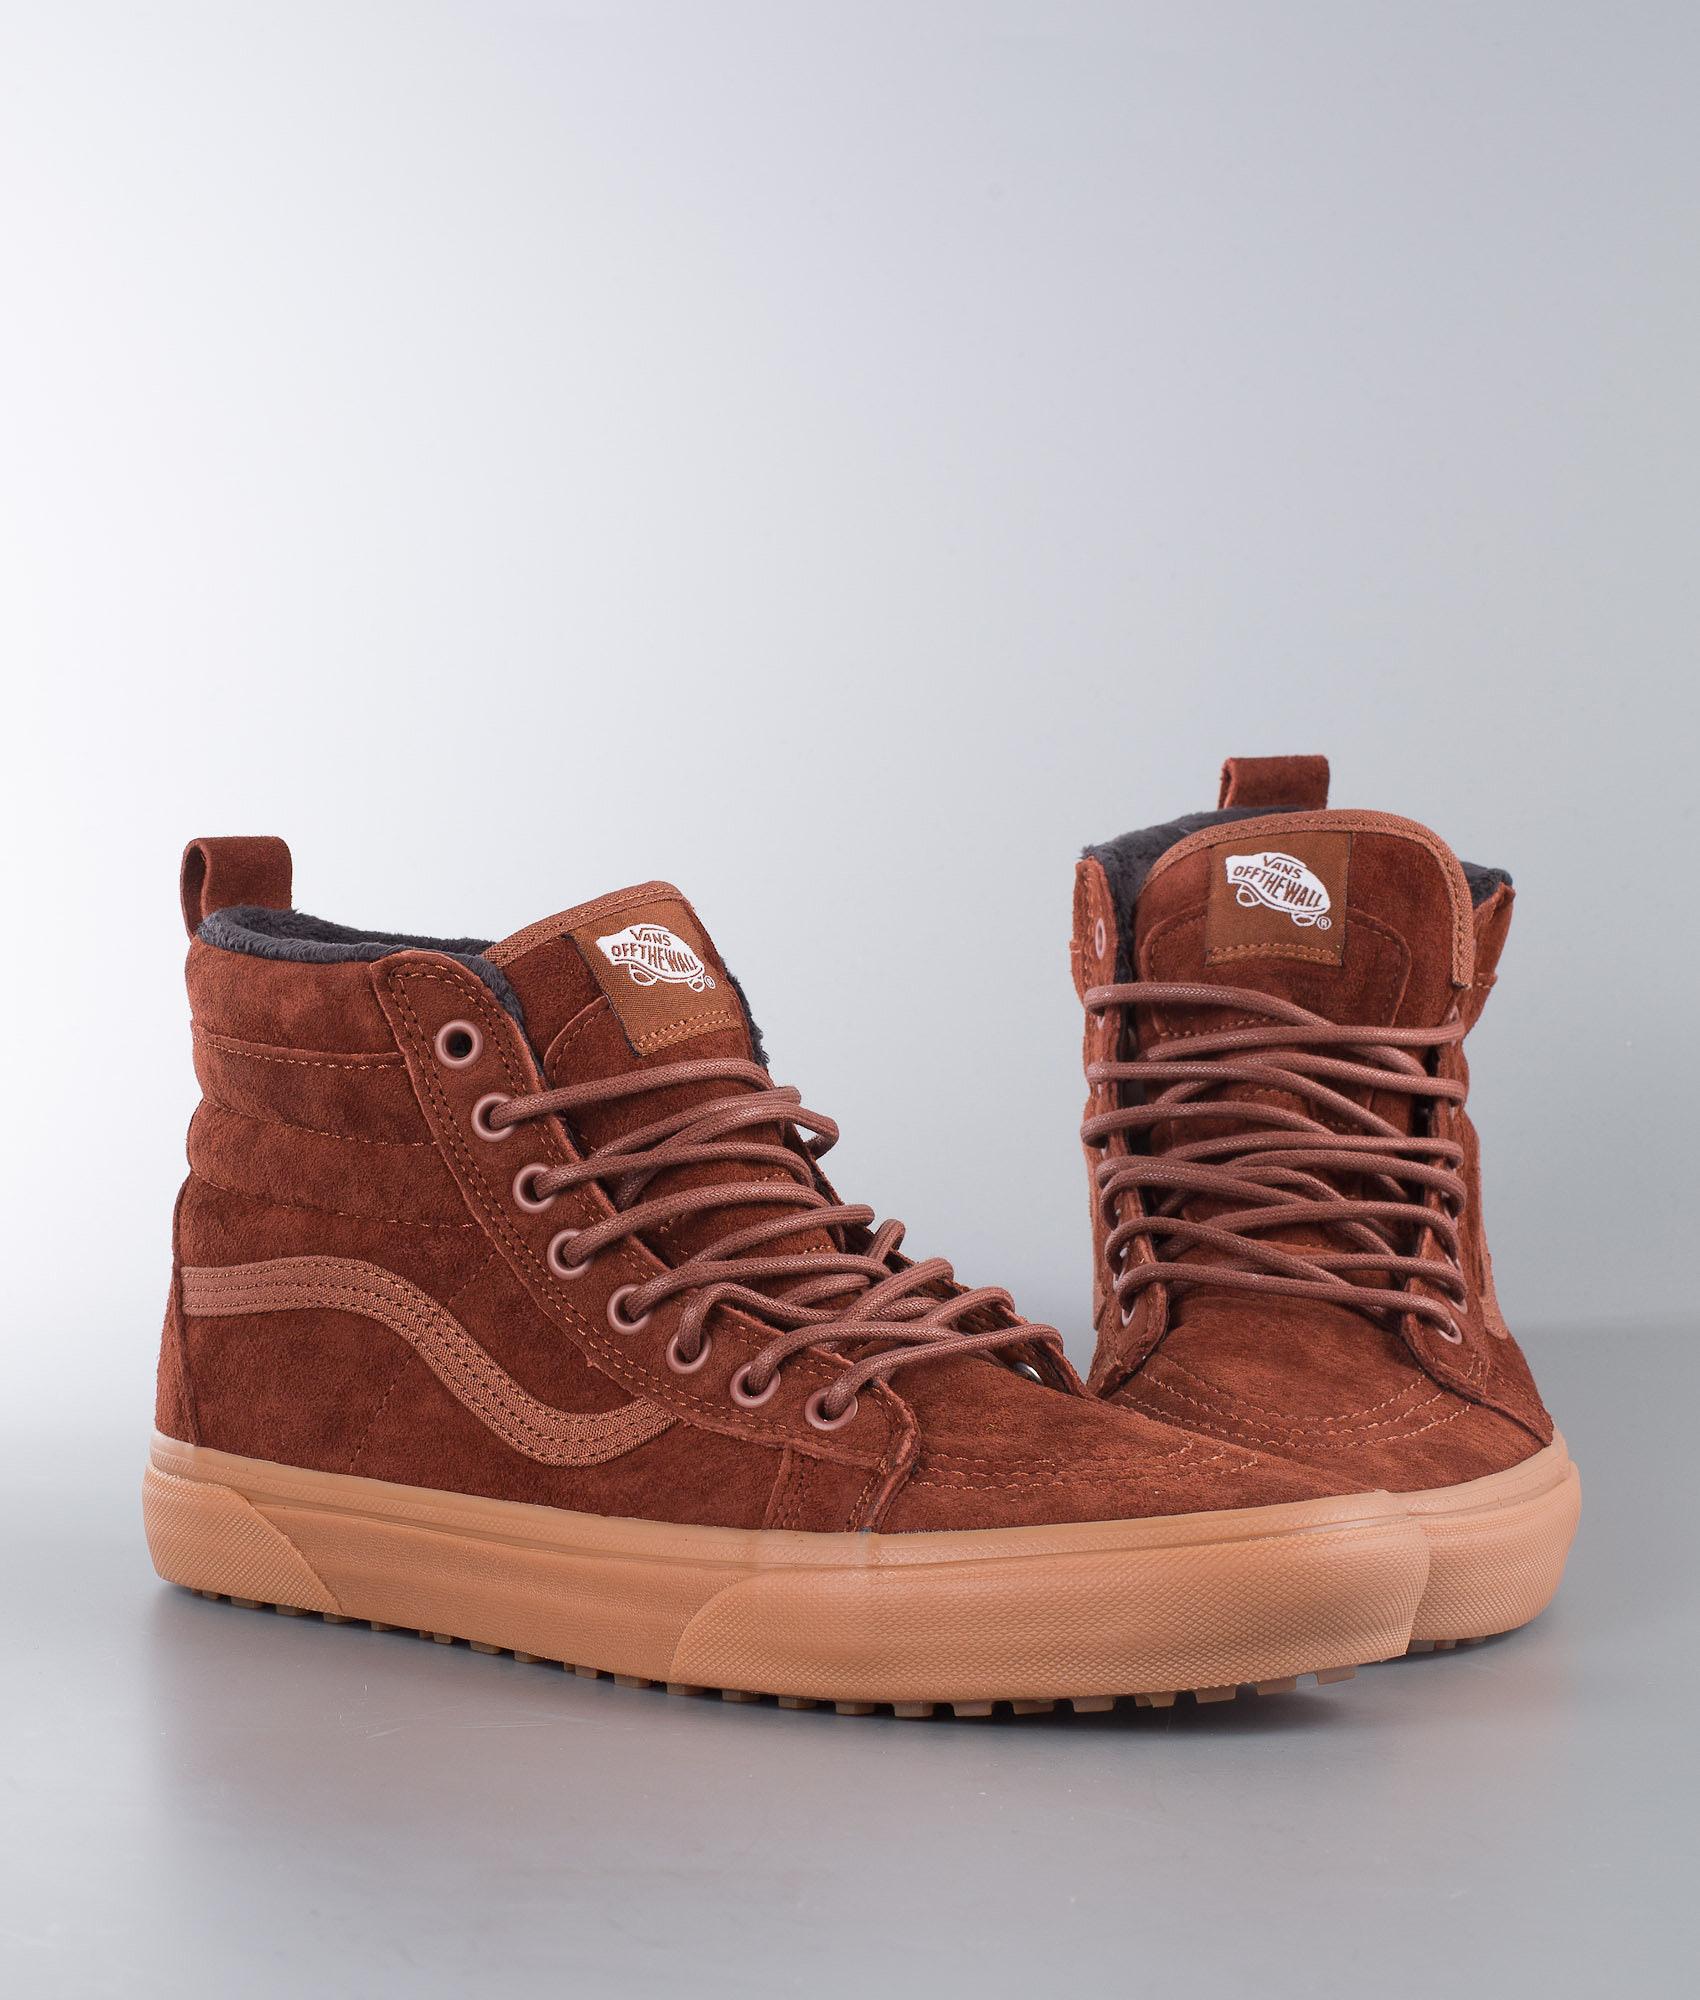 53324c0820d Vans Sk8-Hi Mte Shoes (Mte) Sequoia Gum - Ridestore.com